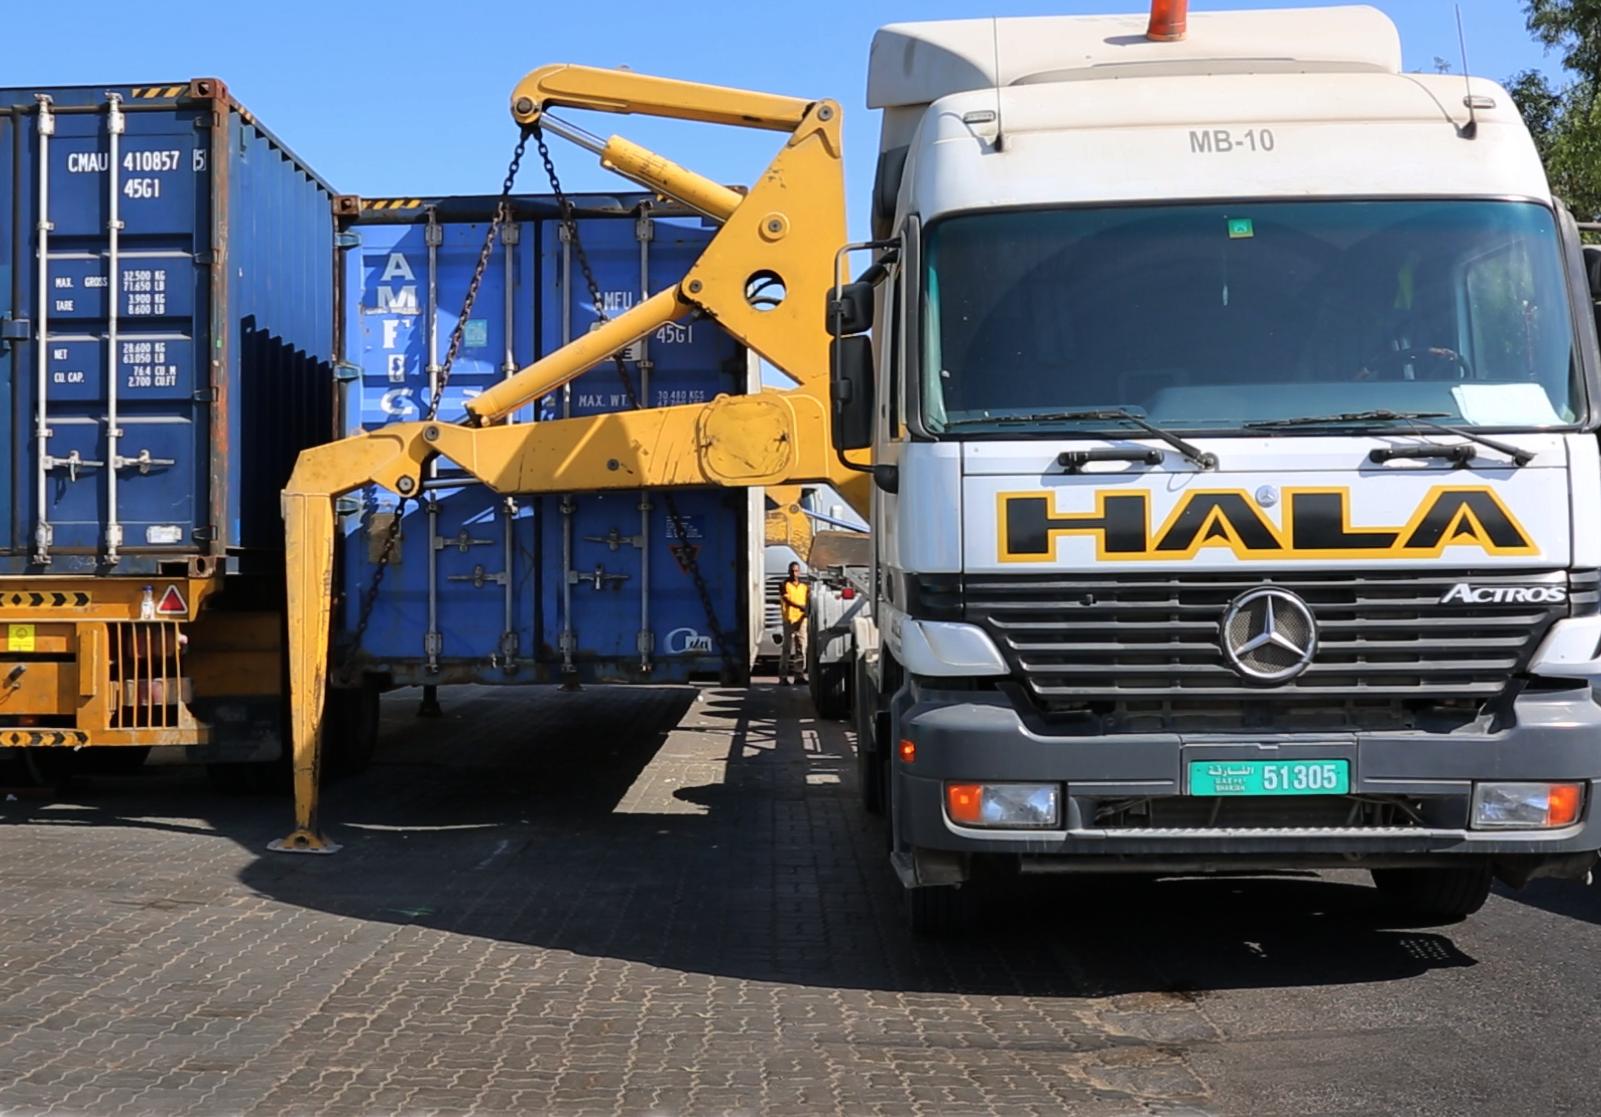 Sideloader Truck in Dubai, UAE